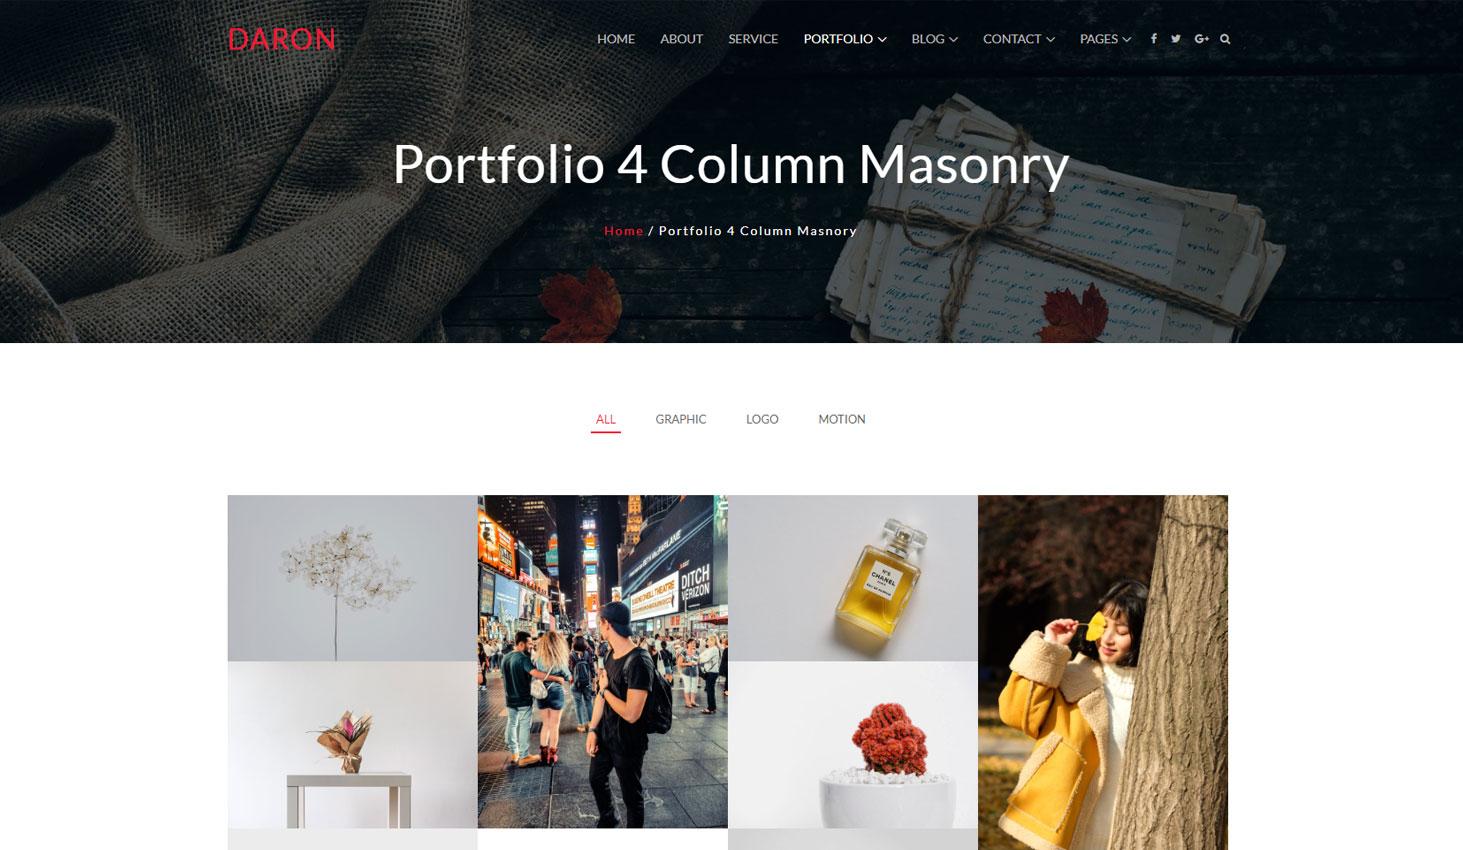 Daron premium wordpress theme portfolio four column masonry